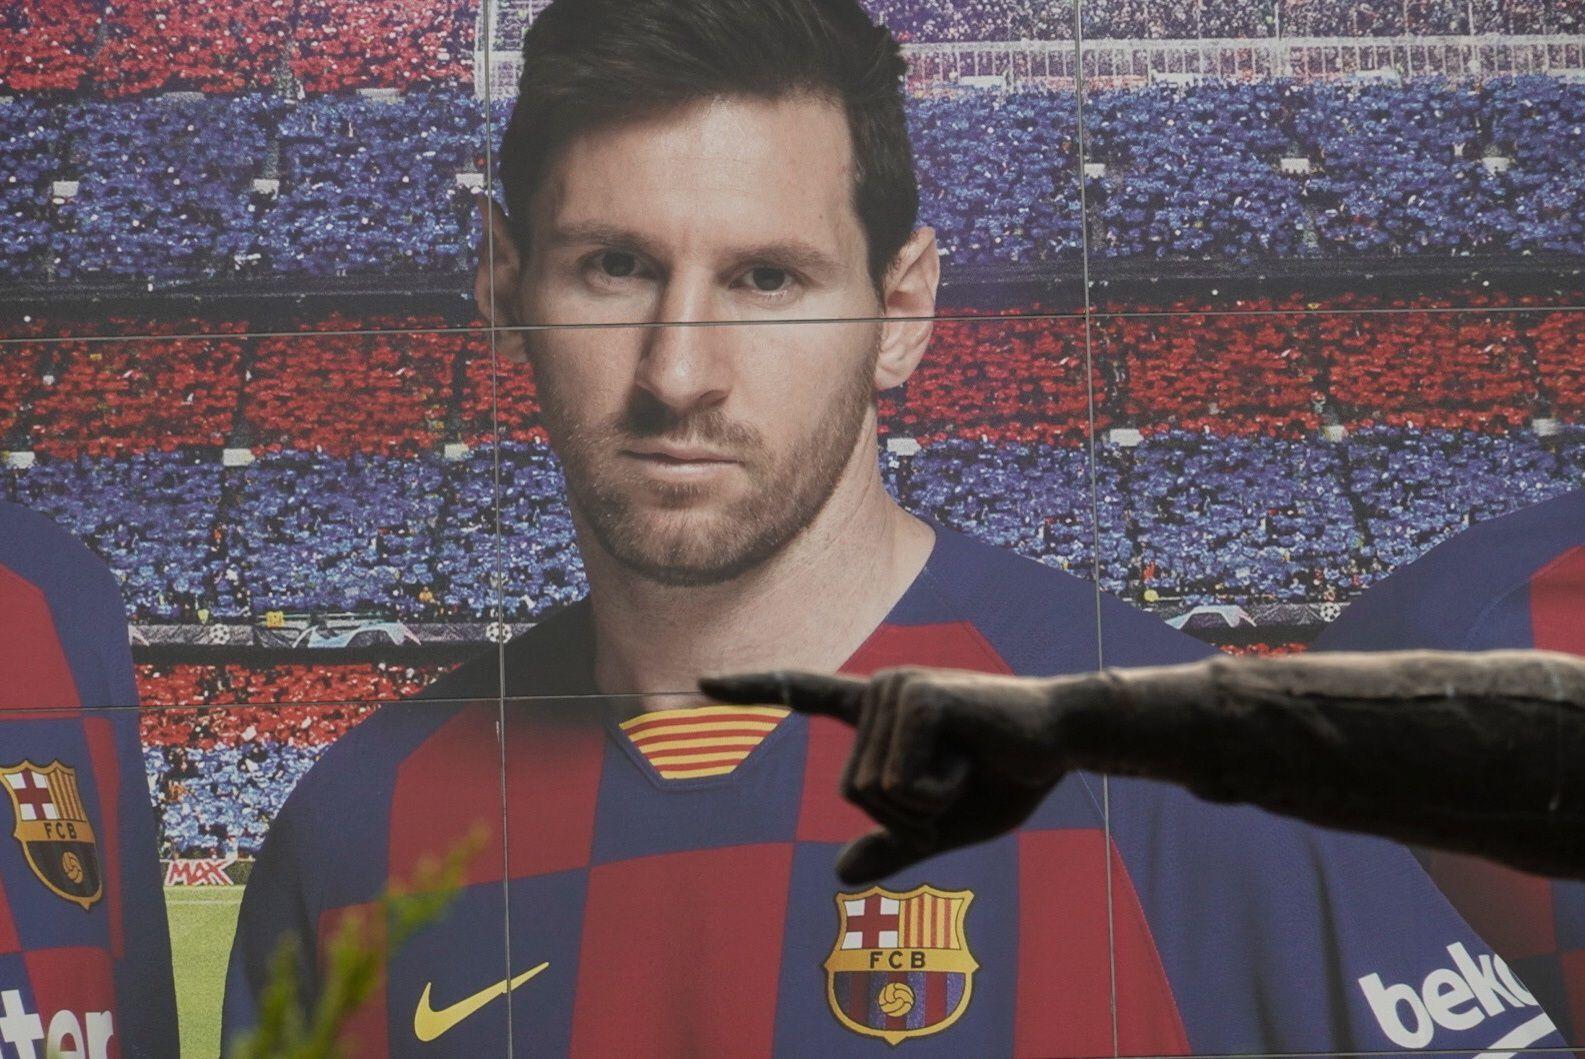 """""""La realidad es que el jugador estaba imposibilitado humana, y hasta diría jurídicamente, de irse el 10 de junio"""", dice uno de los abogados que analiza el tema (Foto: EFE)"""